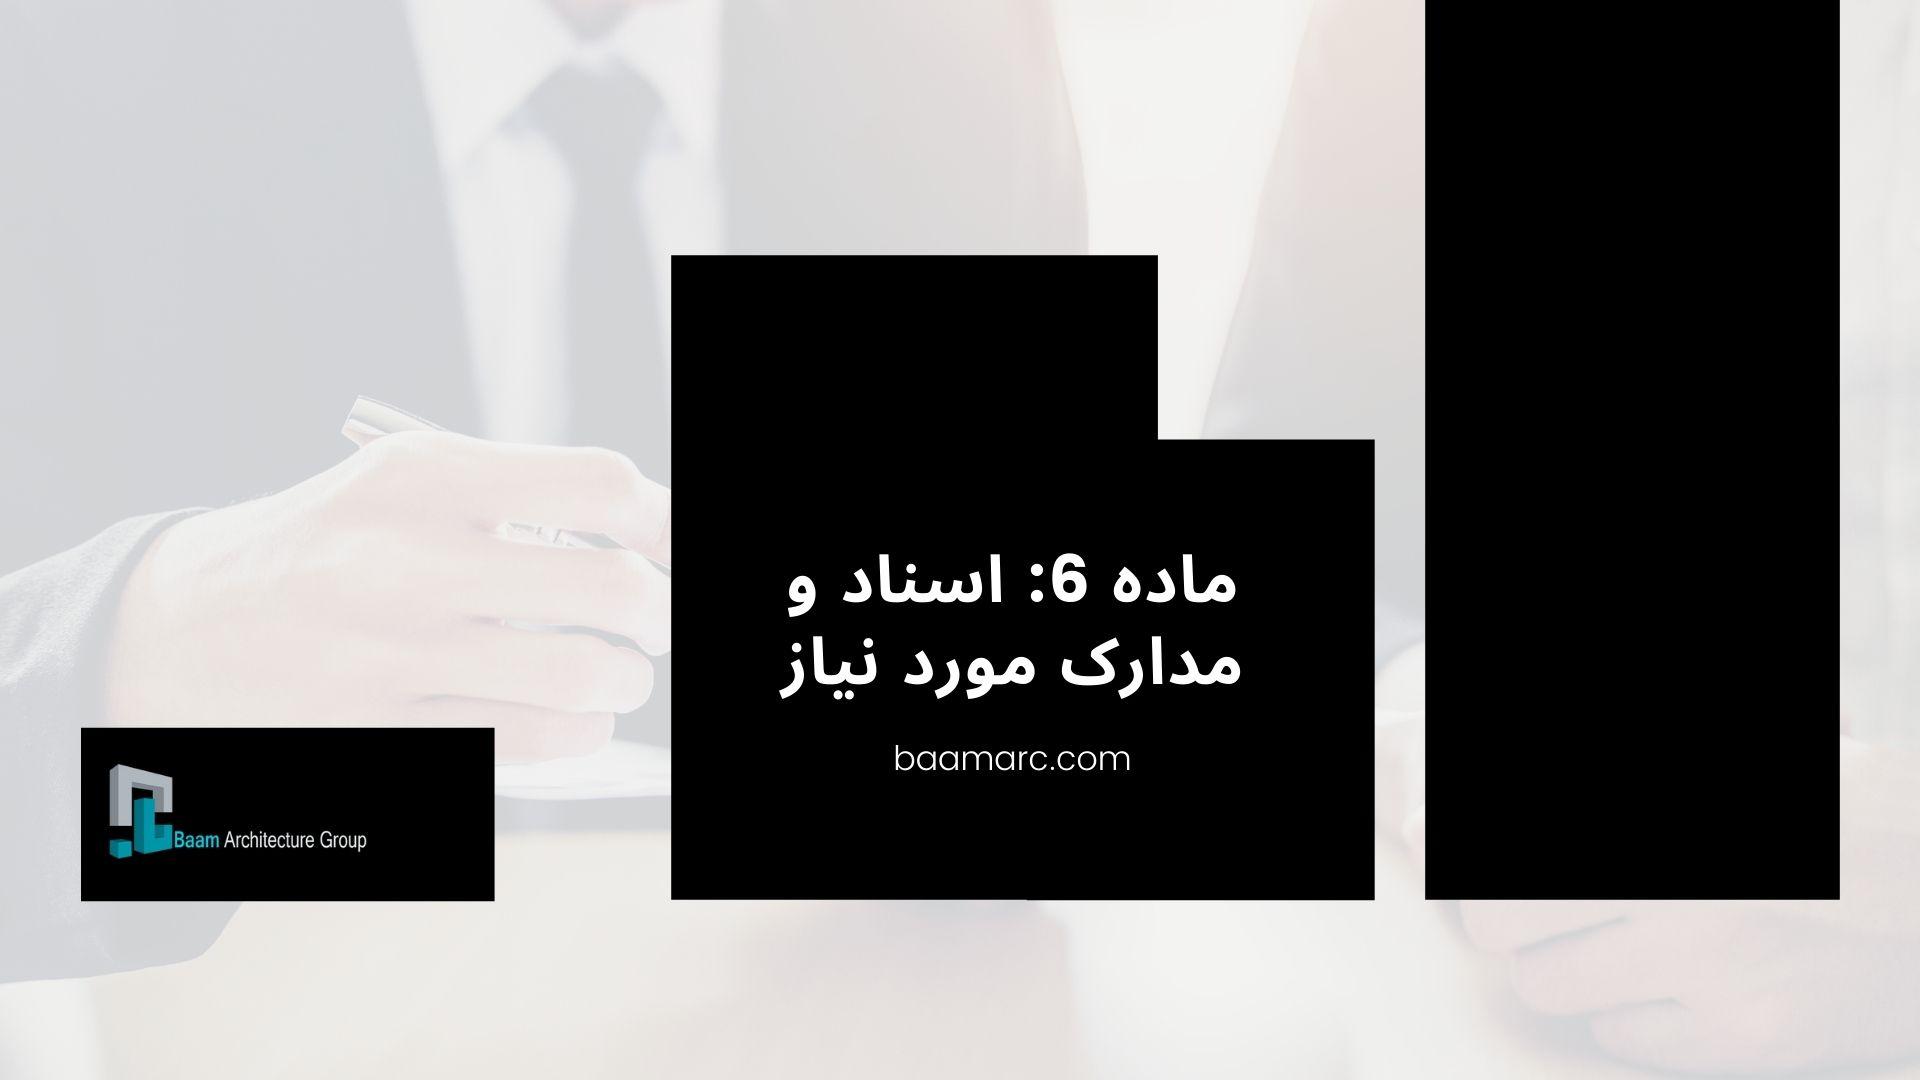 ماده 6: اسناد و مدارک مورد نیاز